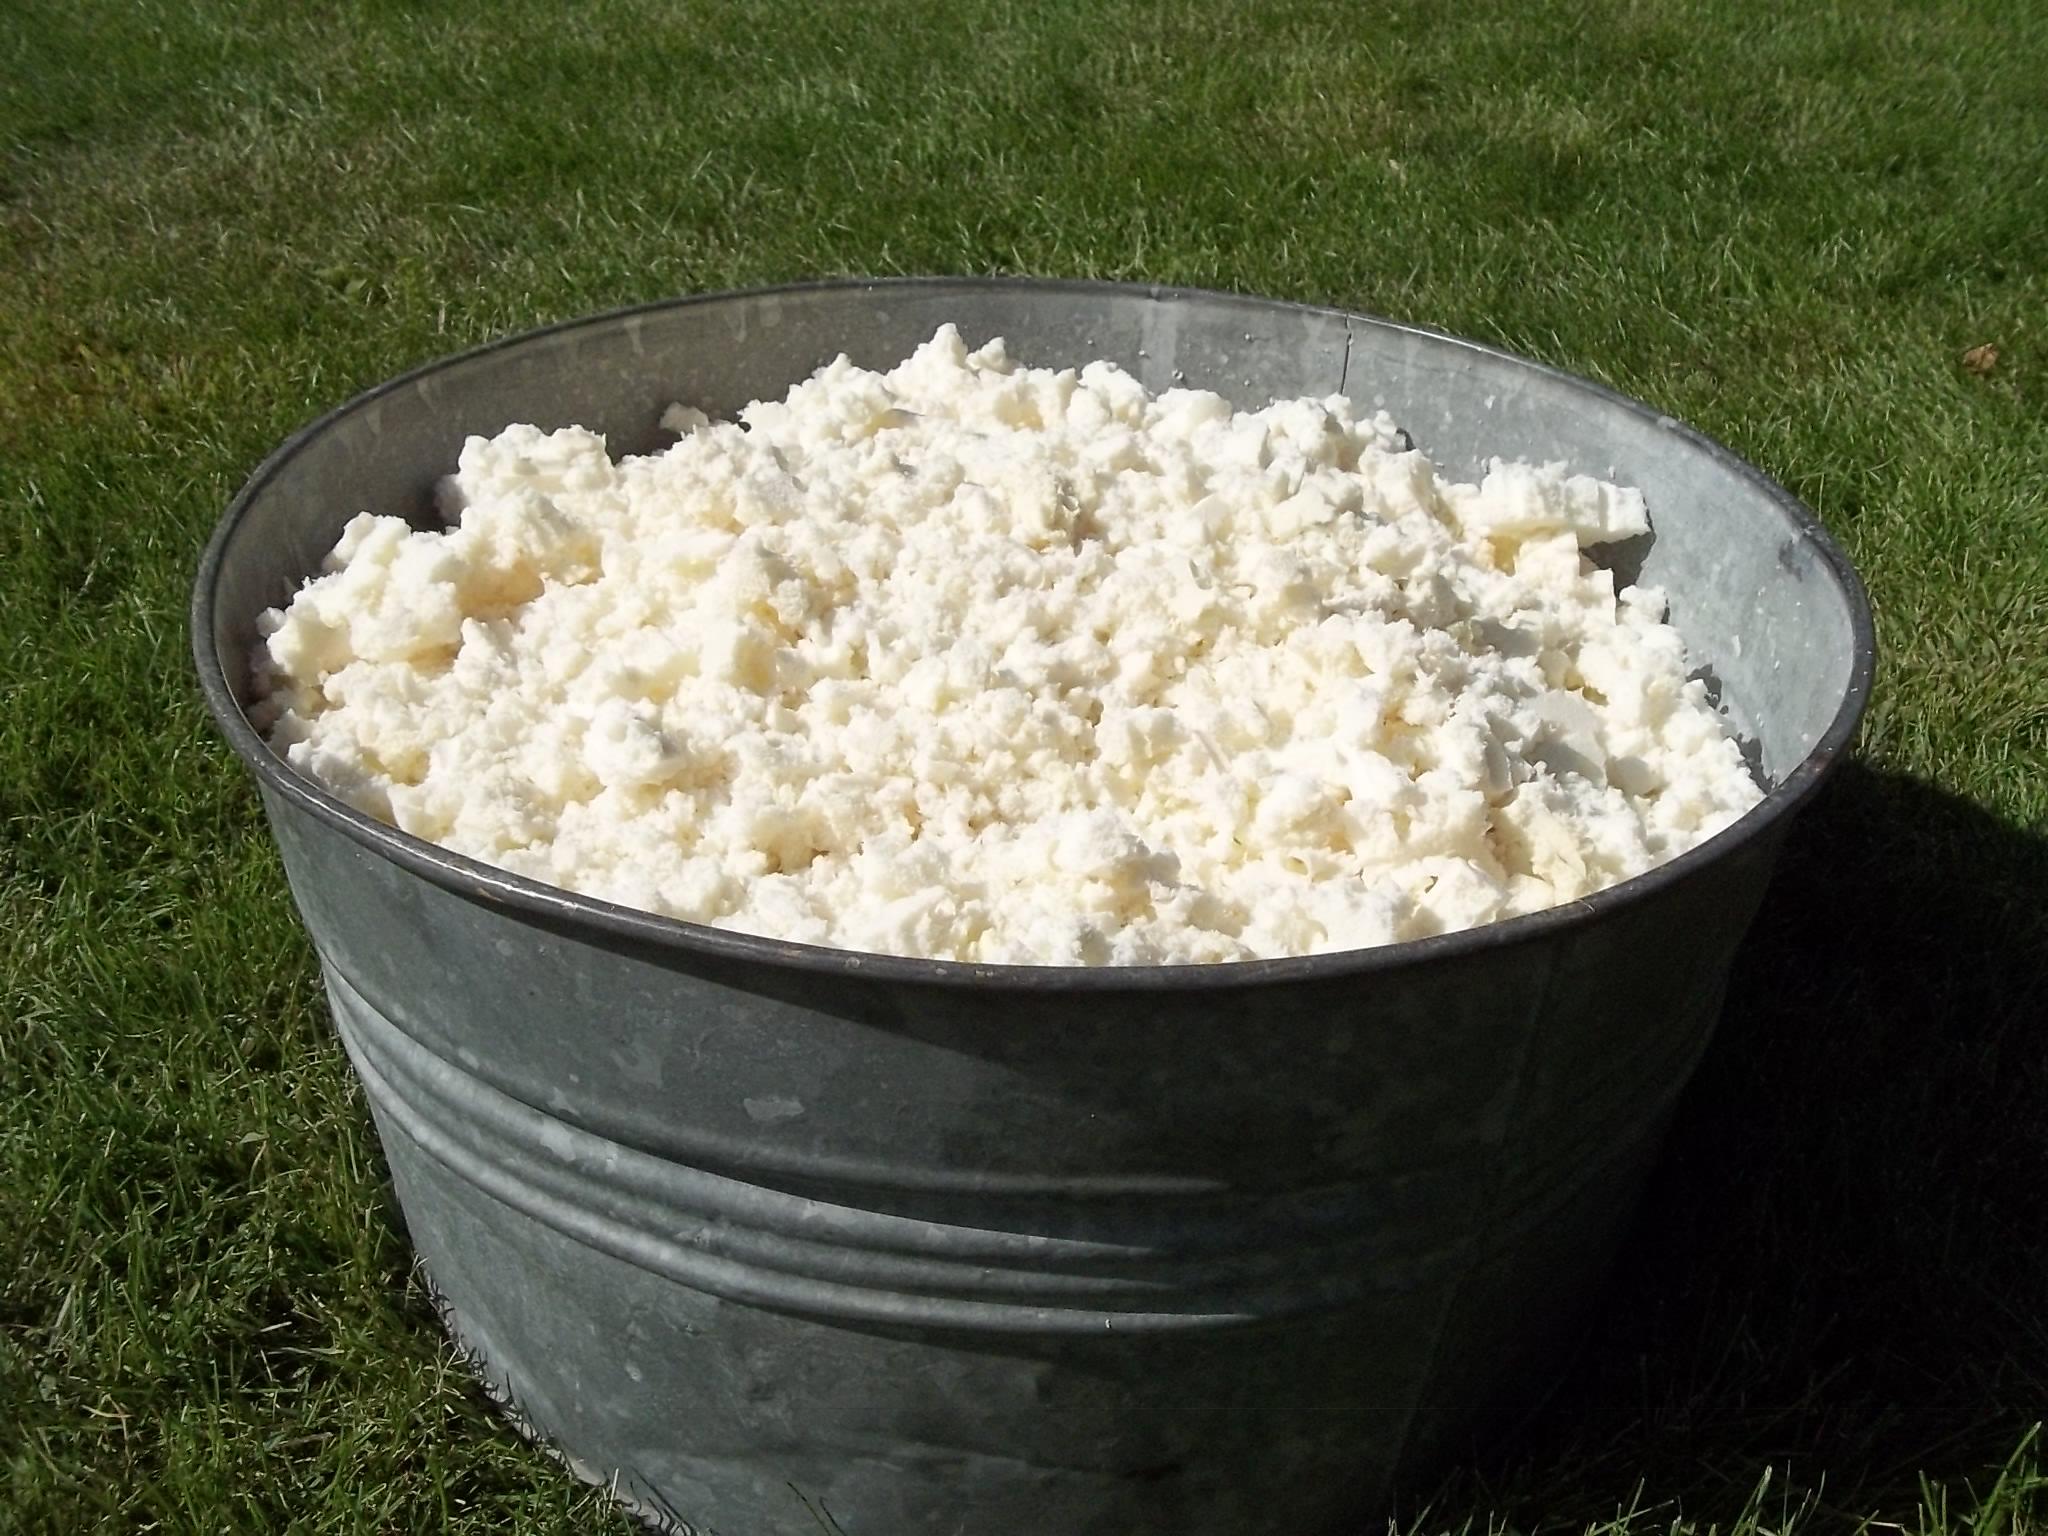 Shredded Natural Latex Fill Bucket